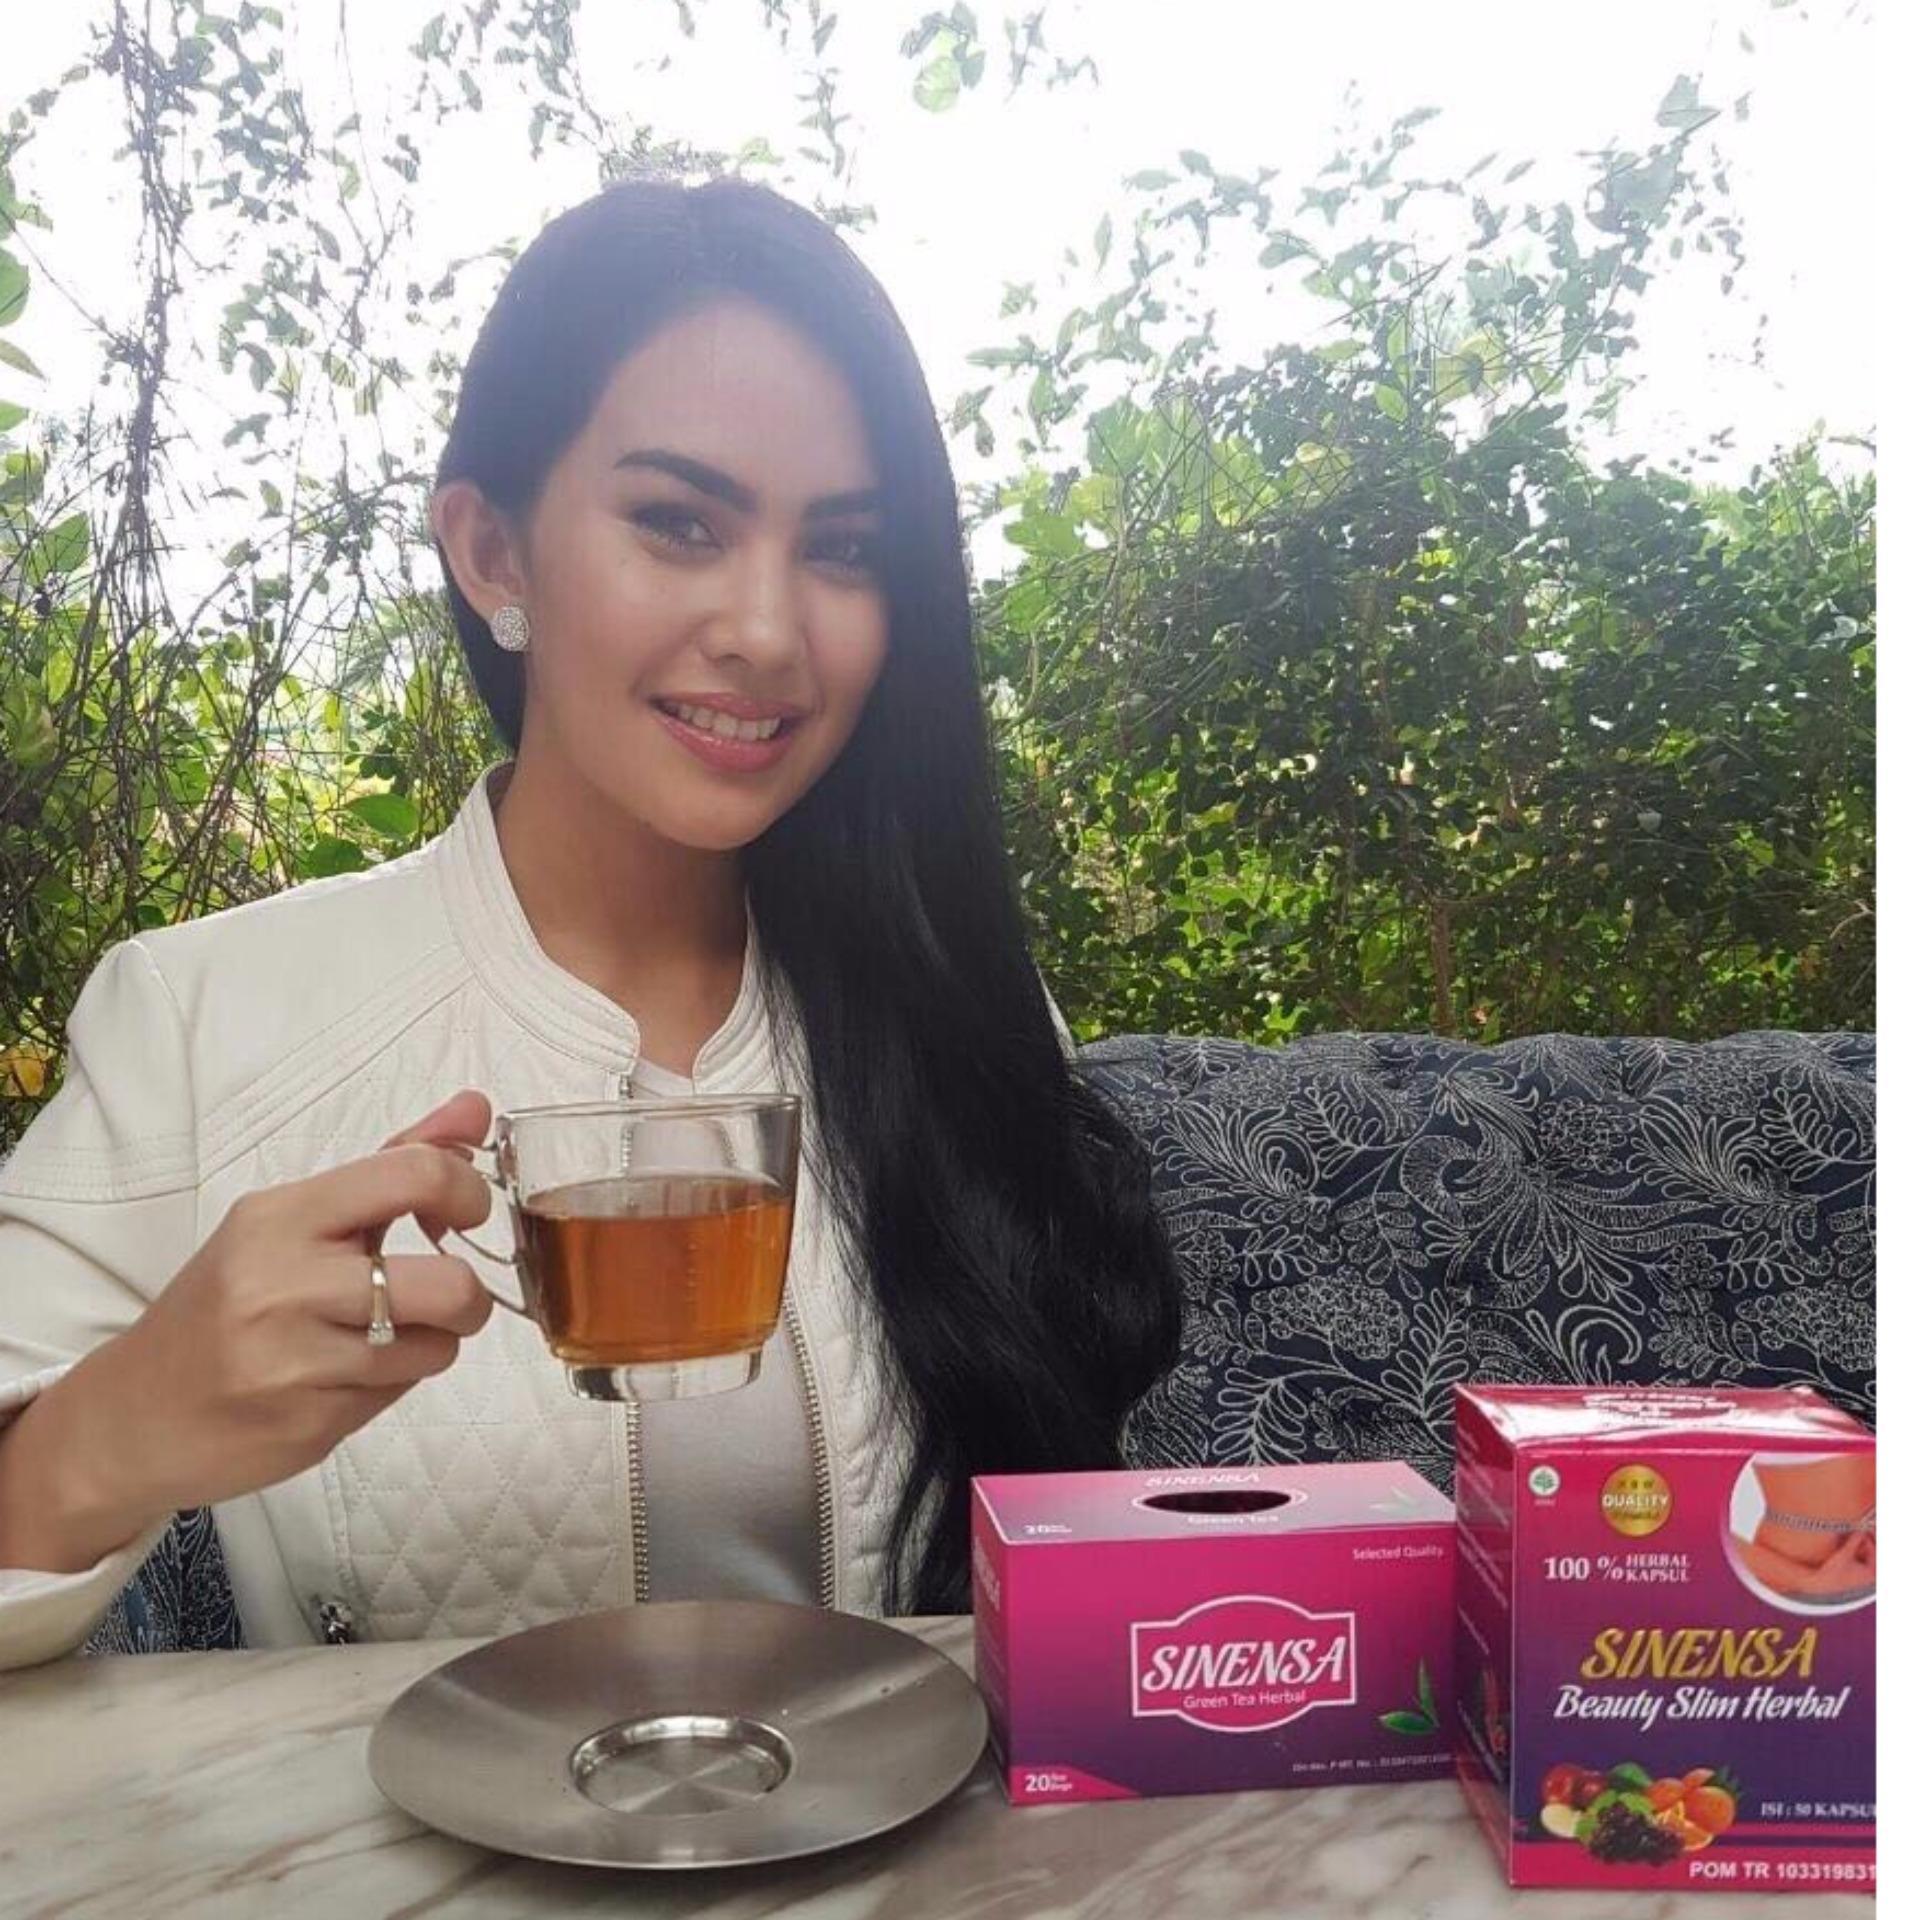 Online Murah Paket Pelangsing Dan Pemutih Herbal Sinensa Eshop Checker Beauty Slim Bpom Kapsul